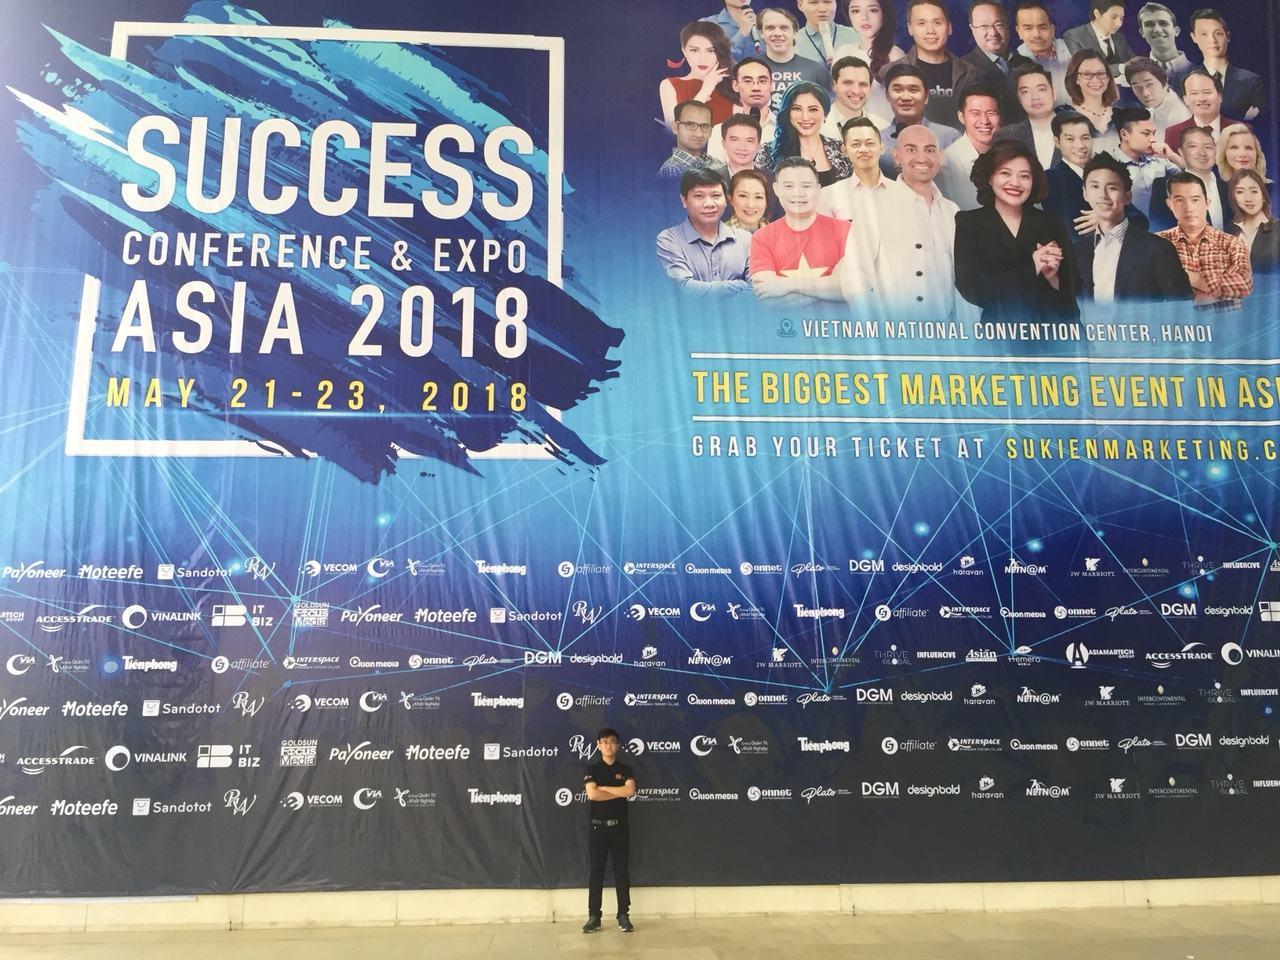 atp dn 1 - Đến ngay gian hàng của ATP Software tại Sự kiện Marketing lớn nhất châu Á tại Hà Nội để nhận nhiều ưu đãi